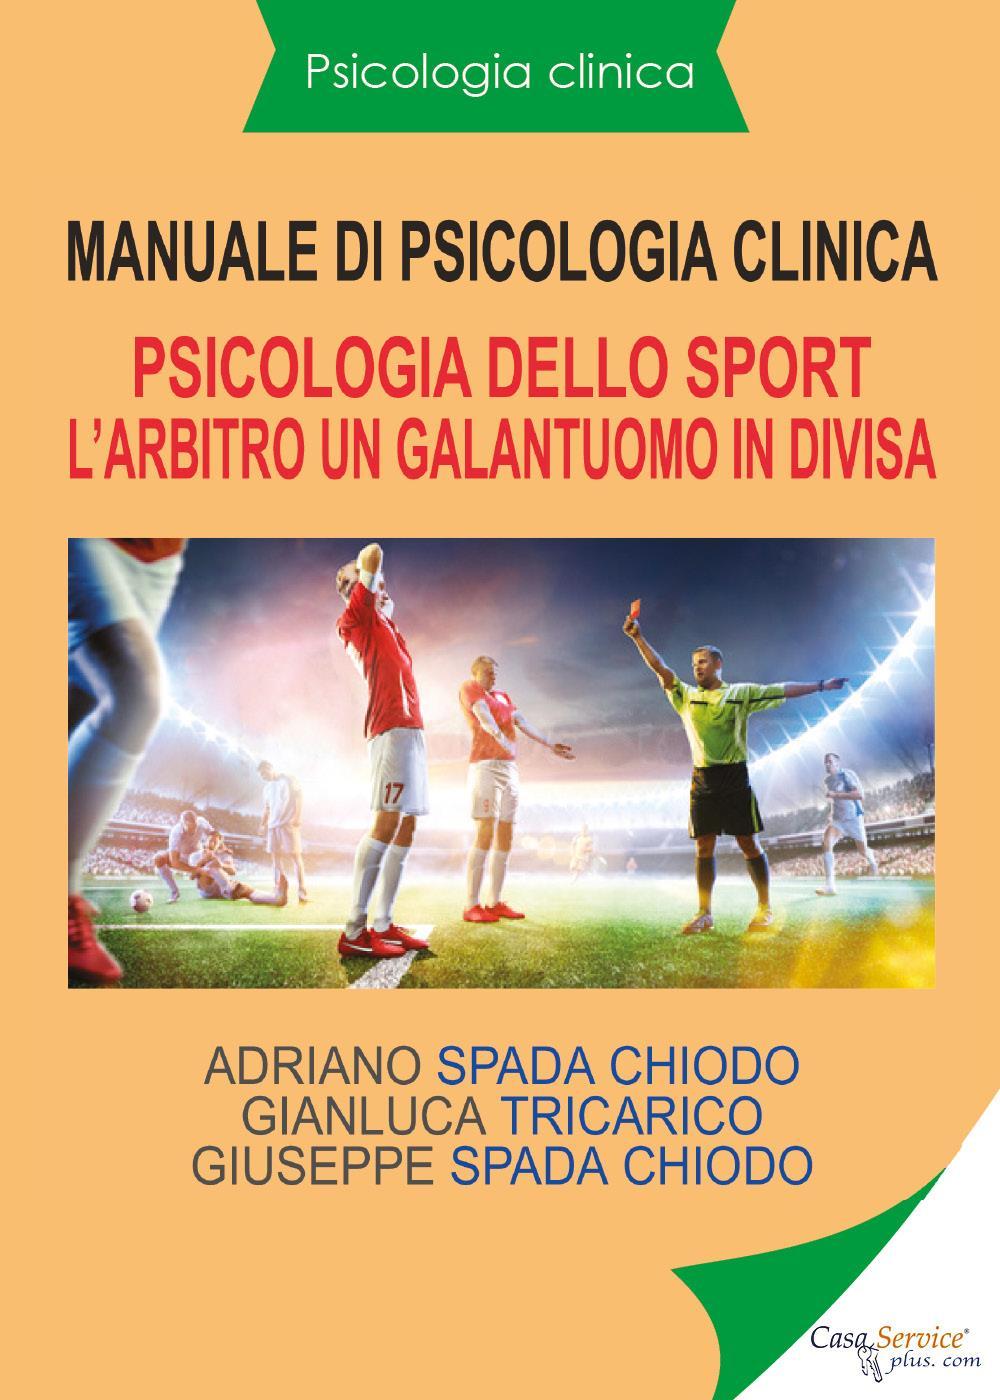 Psicologia clinica - Manuale di psicologia clinica - Psicologia sportiva. L'arbitro. Un galantuomo in divisa